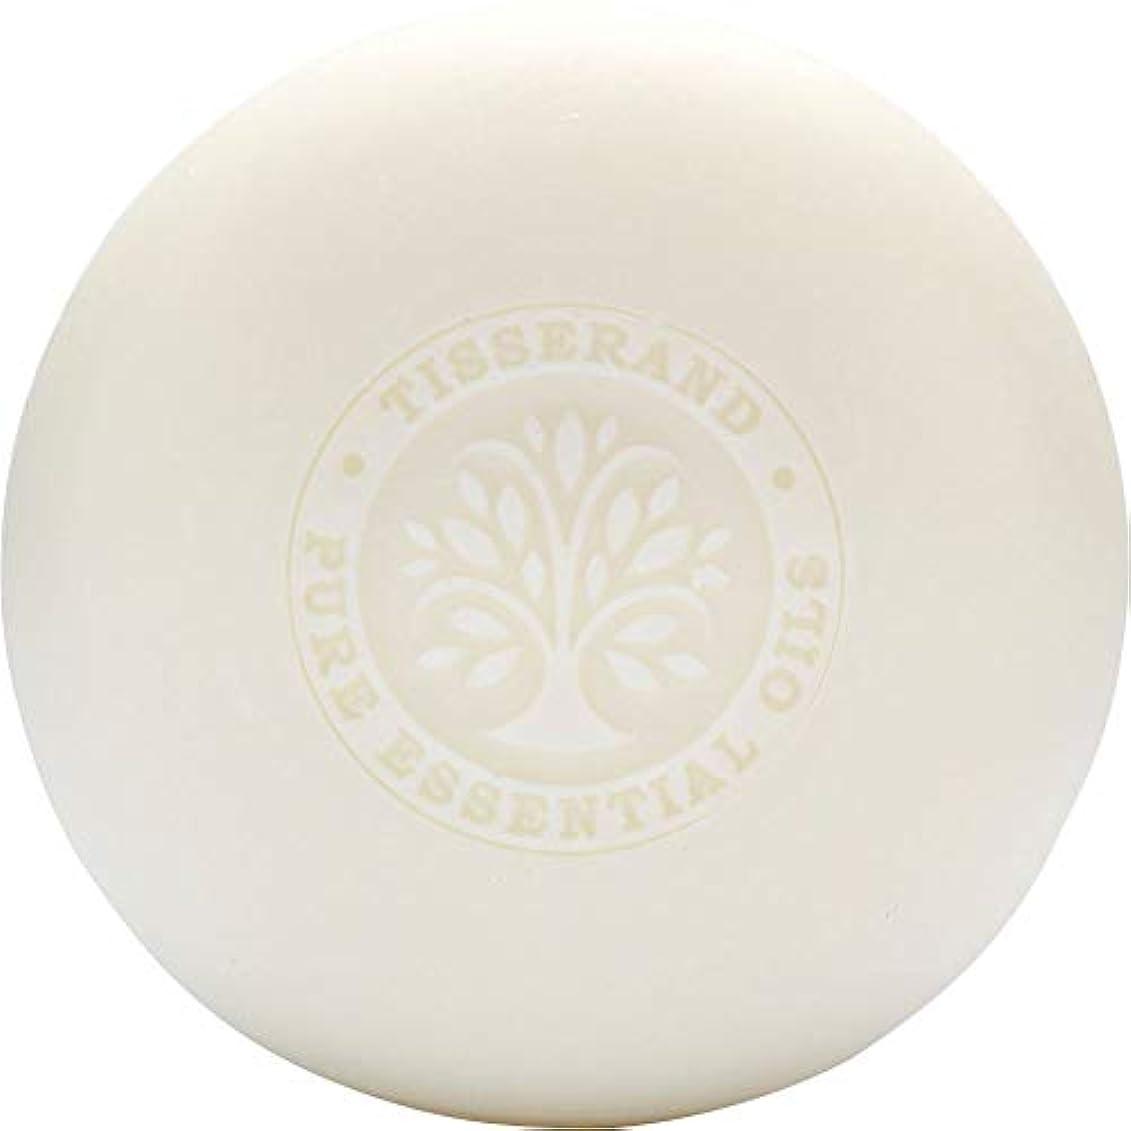 から利用可能合理化[Tisserand] ティスランドローズ&ゼラニウムの葉石鹸100グラム - Tisserand Rose & Geranium Leaf Soap 100g [並行輸入品]